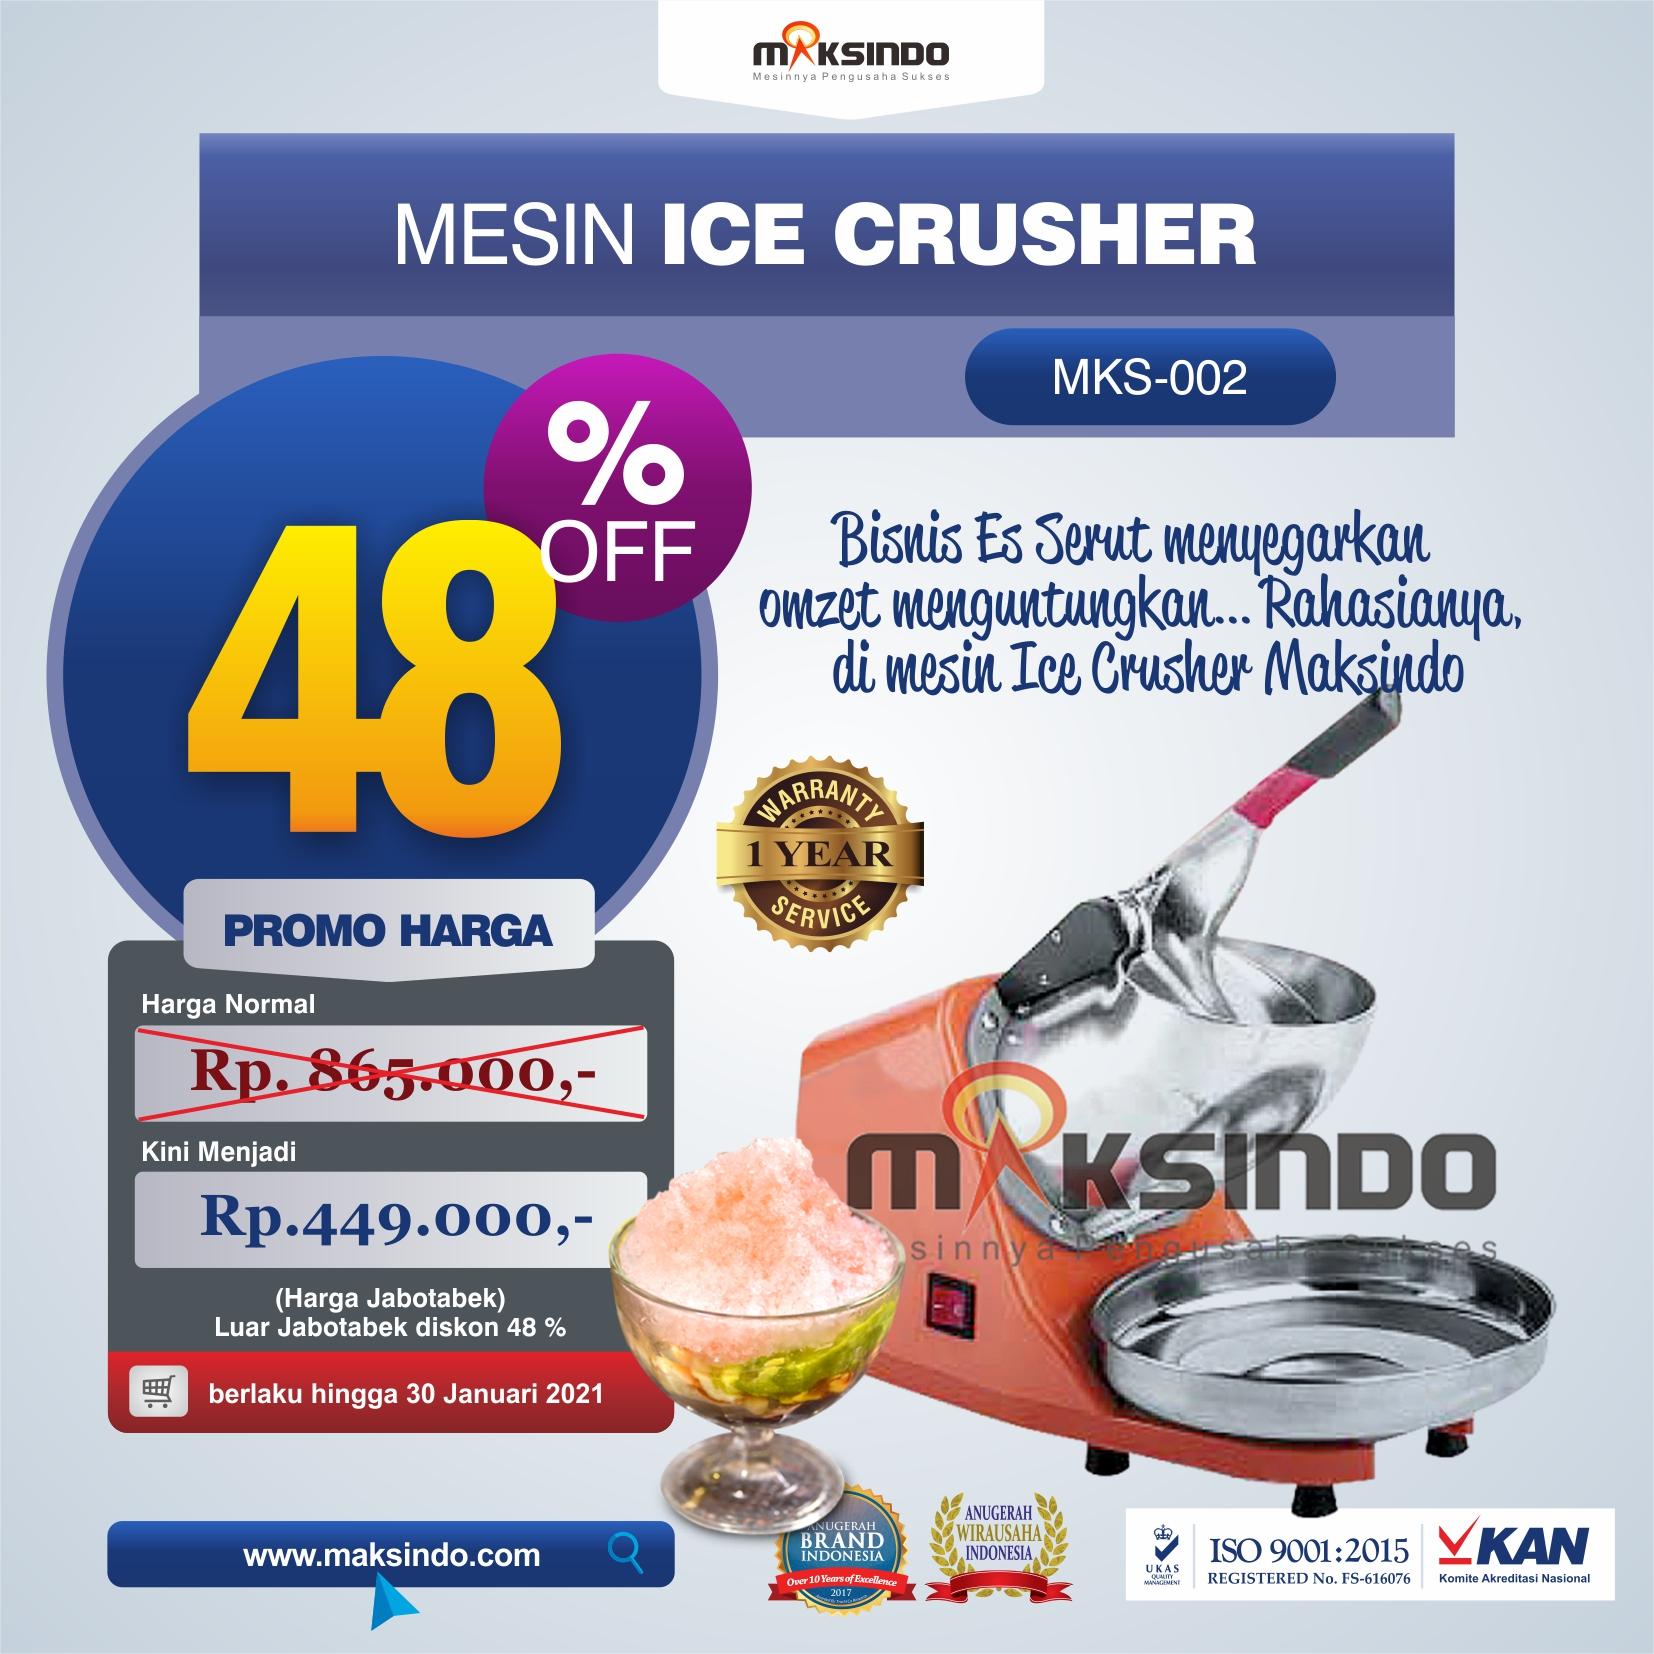 Jual Mesin Es Serut (Ice Crusher) di Solo